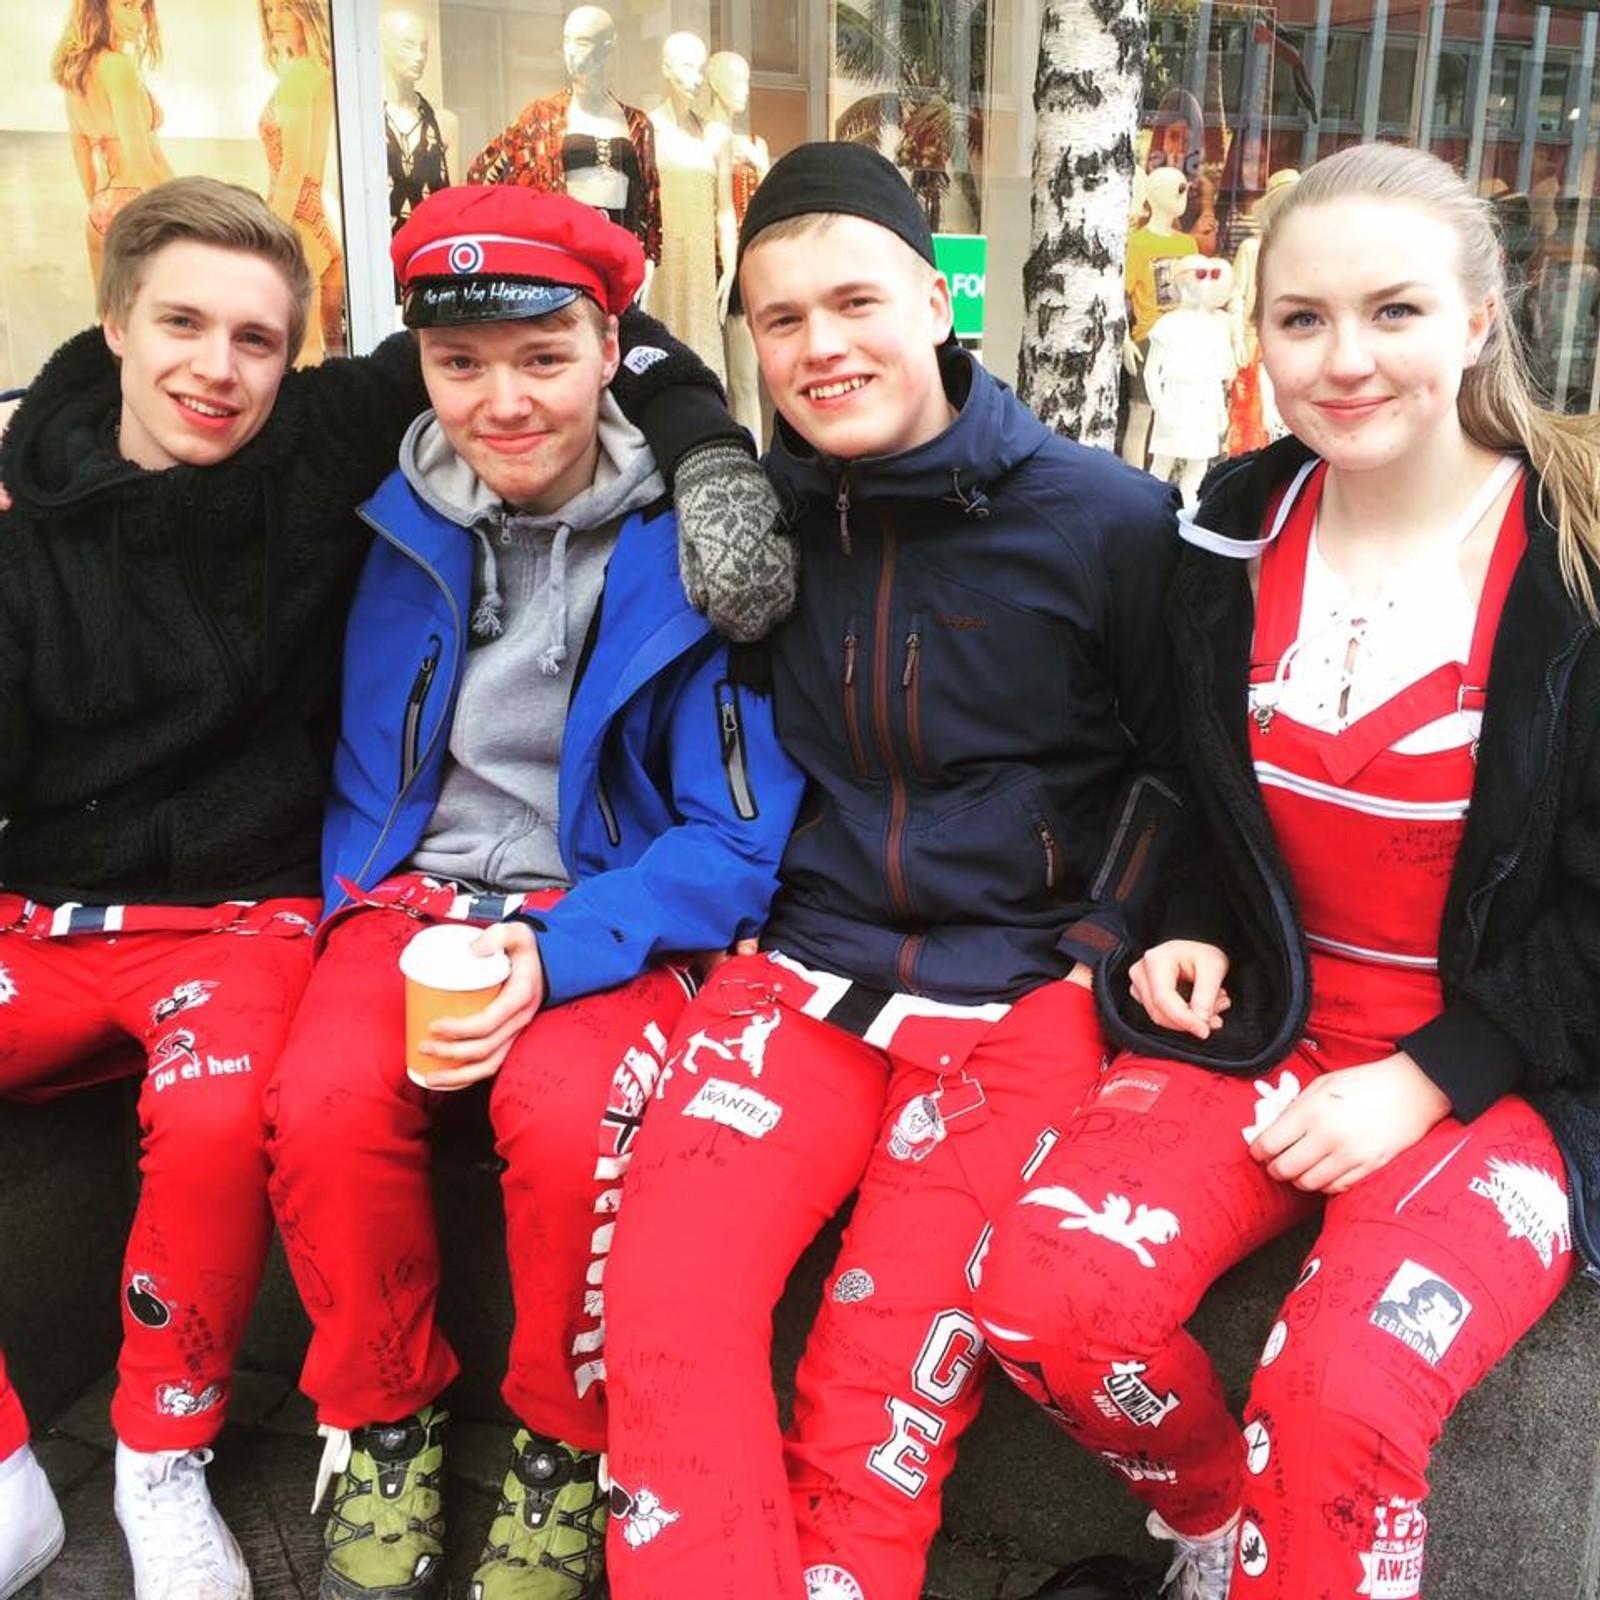 Noe slitne, ingen søvn og veldig sultne; Eivind, Henrik, Jens og Agnete ved Kongsbakken videregående skole i Tromsø kom seg likevel helskinnet gjennom den siste russenatten.